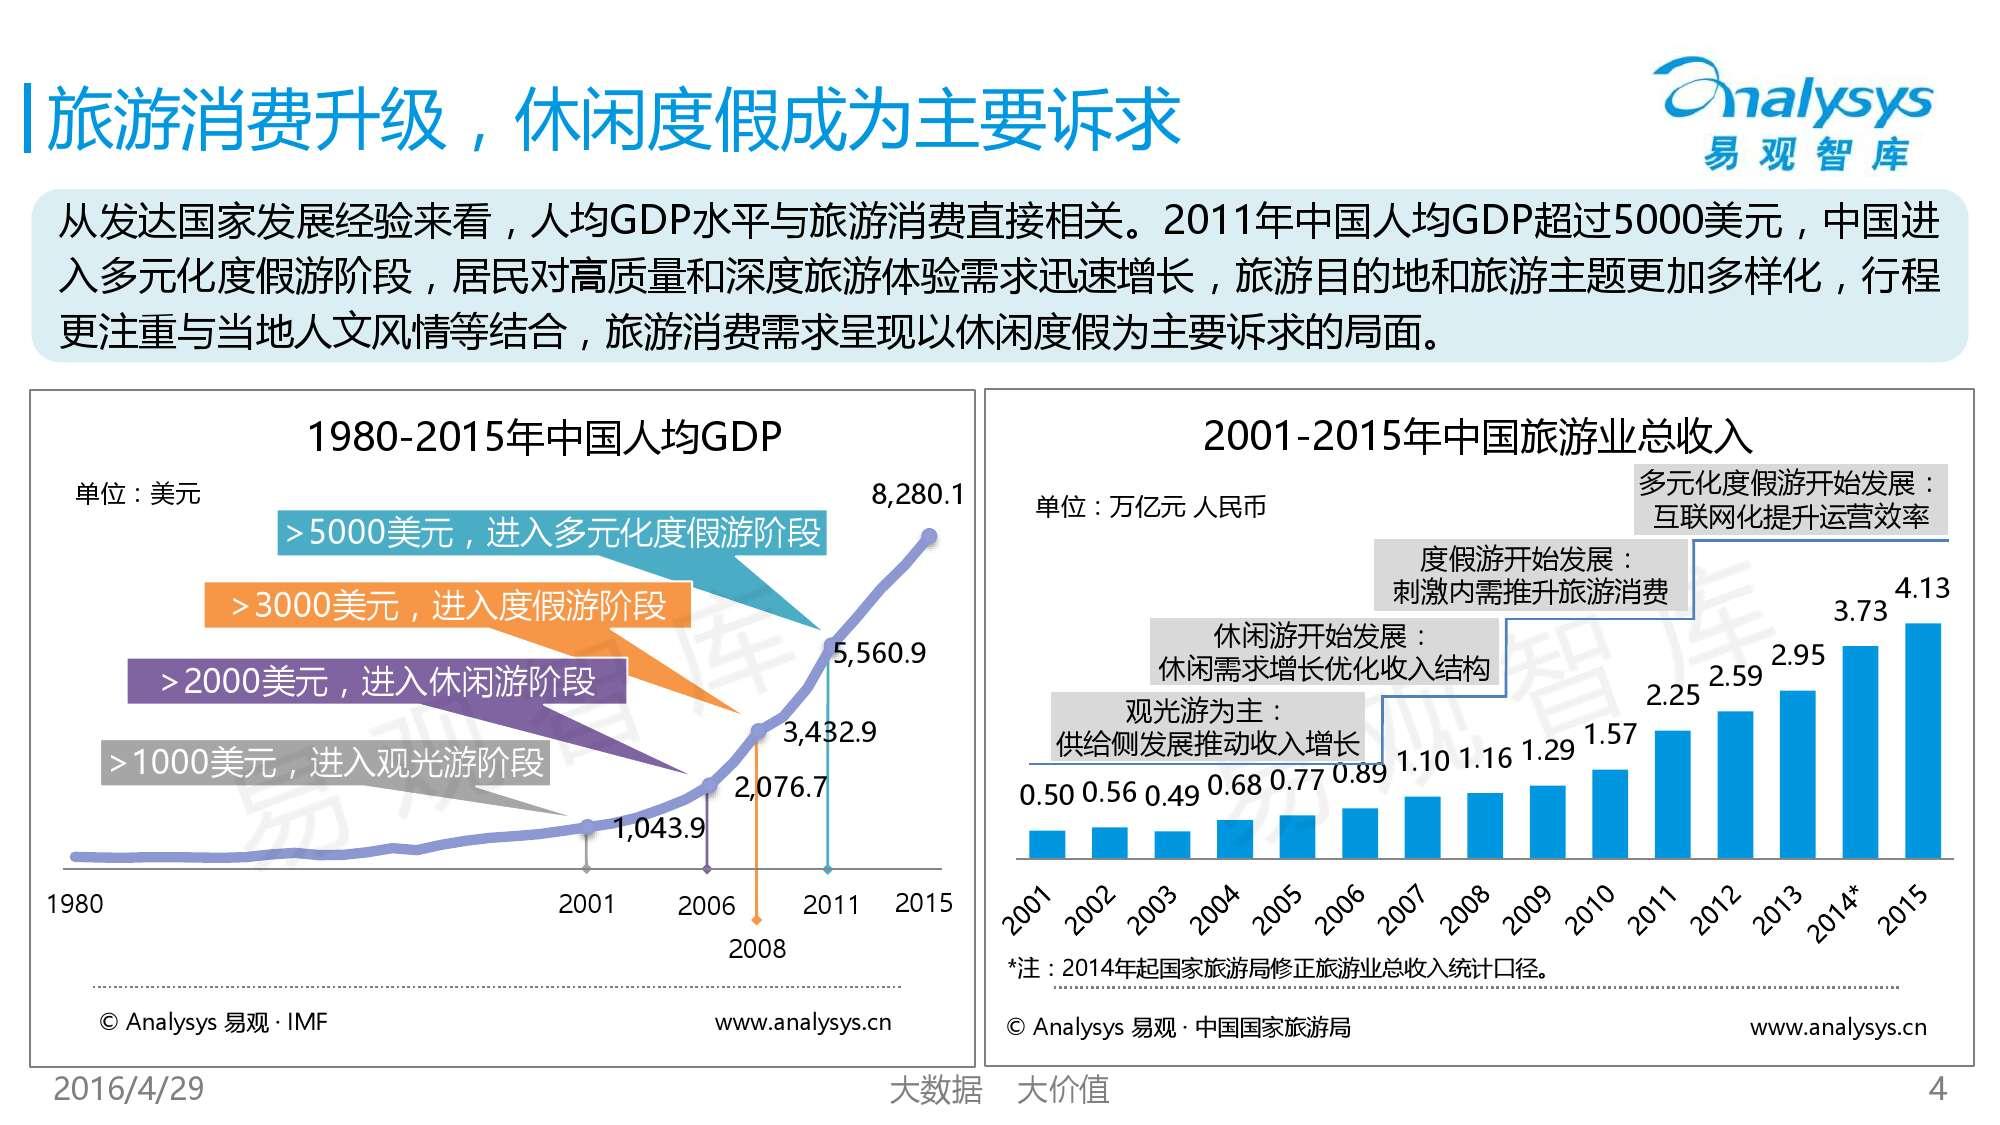 中国在线周边自助游市场专题研究报告2016_000004